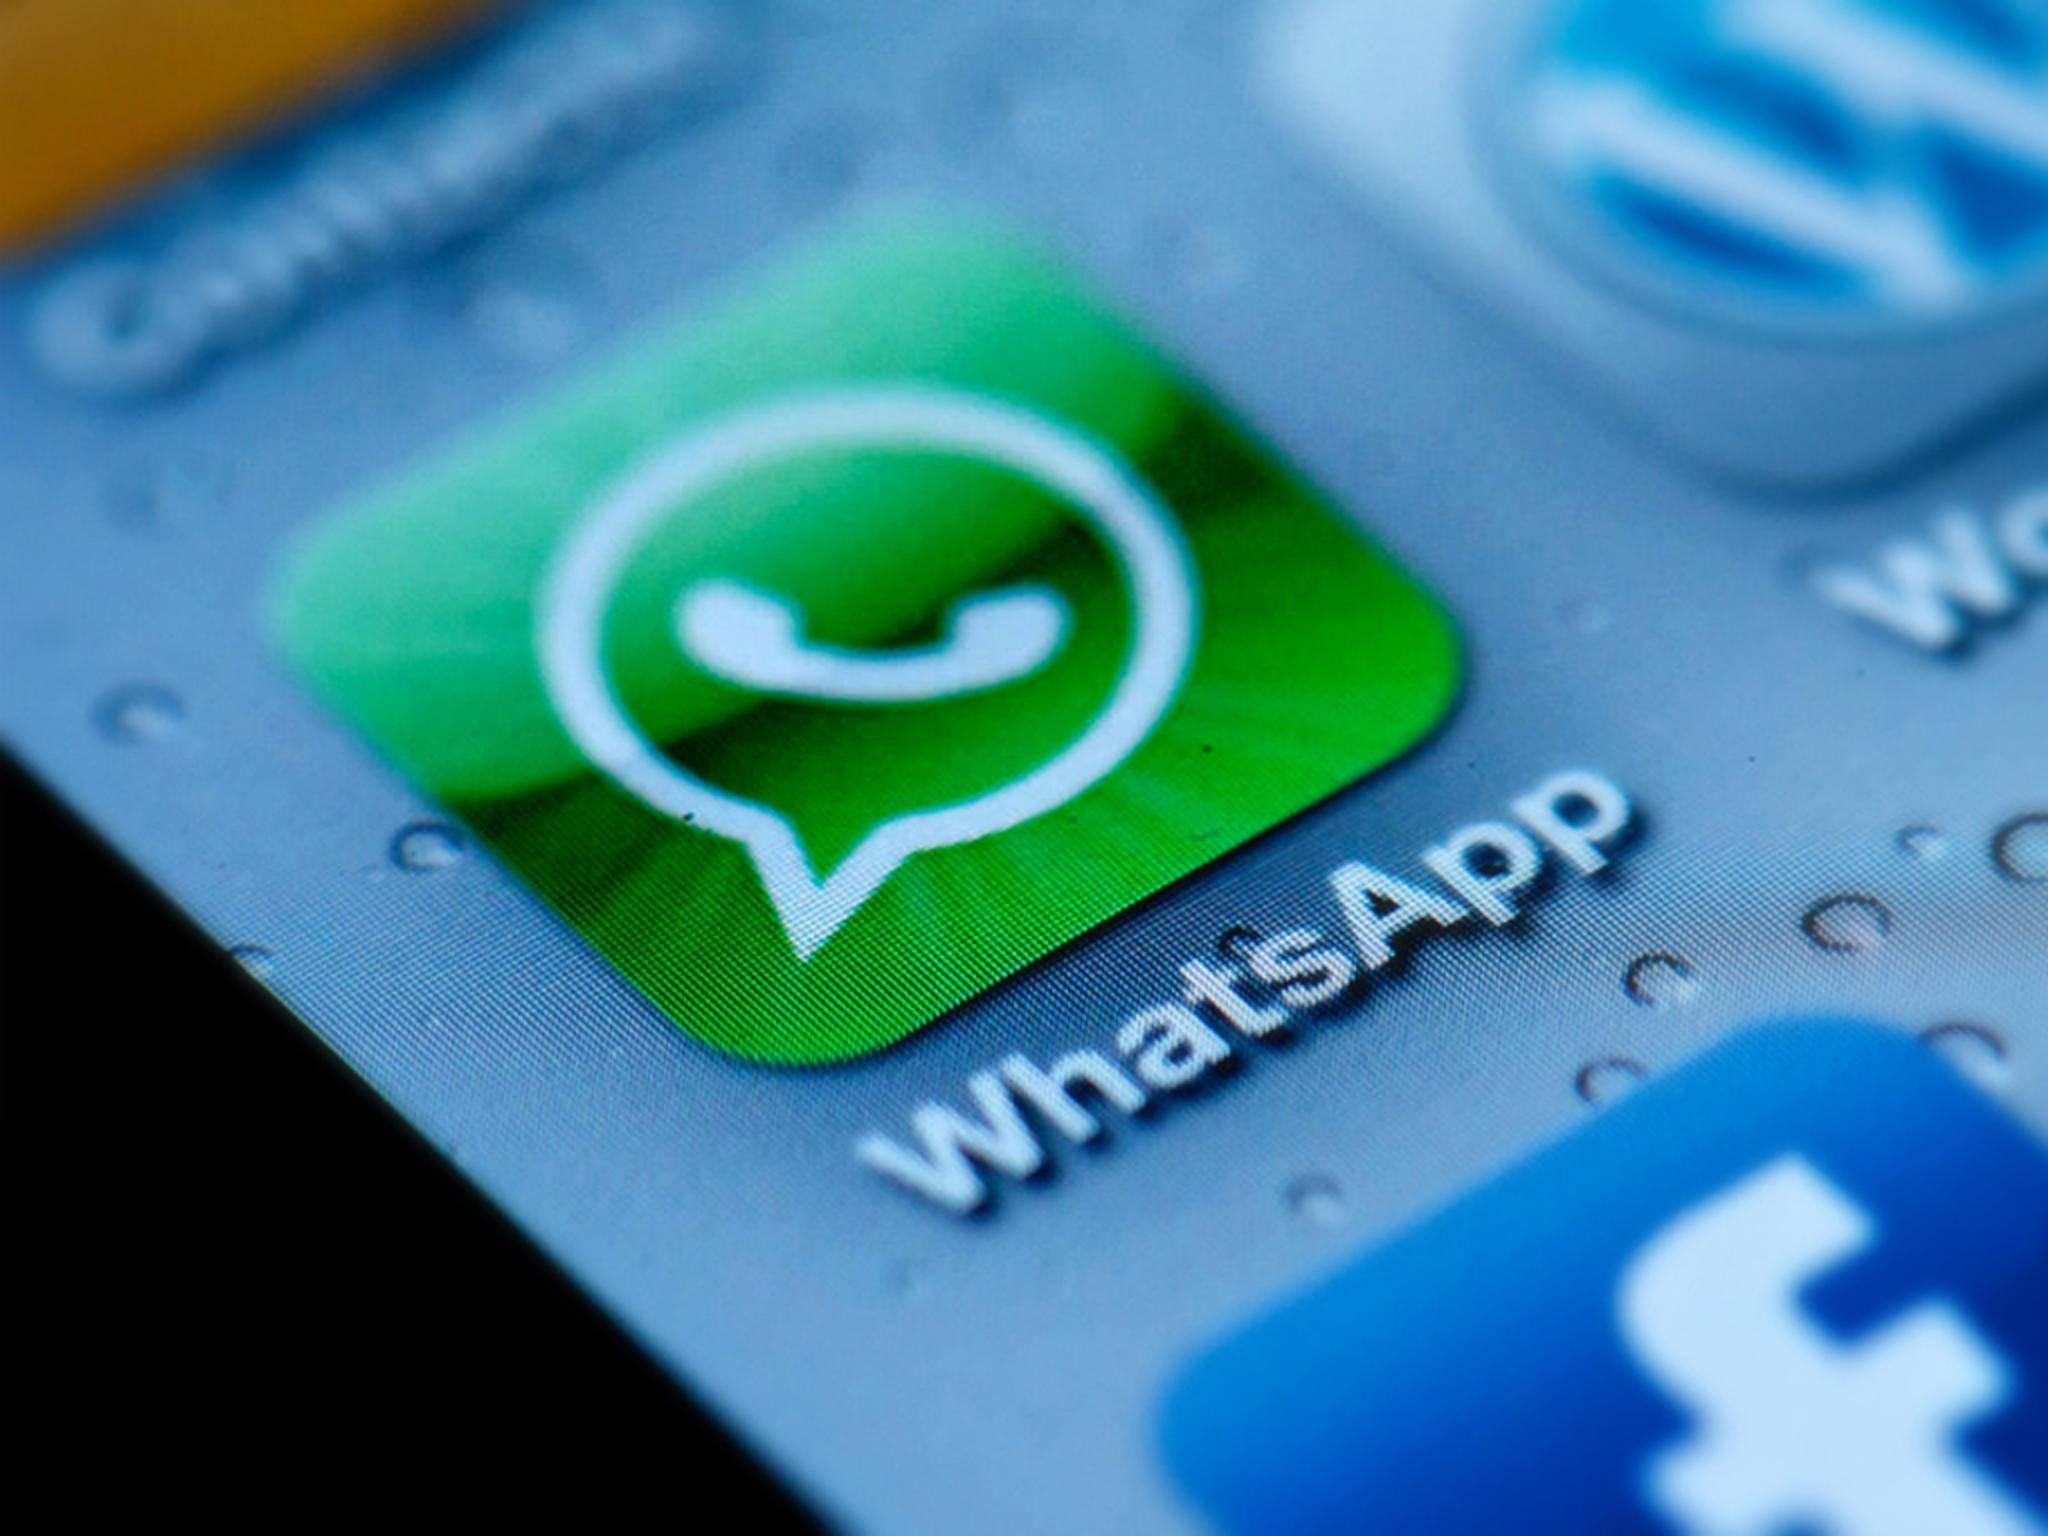 WhatsApp ist die beliebteste Messenger-App für Smartphones.